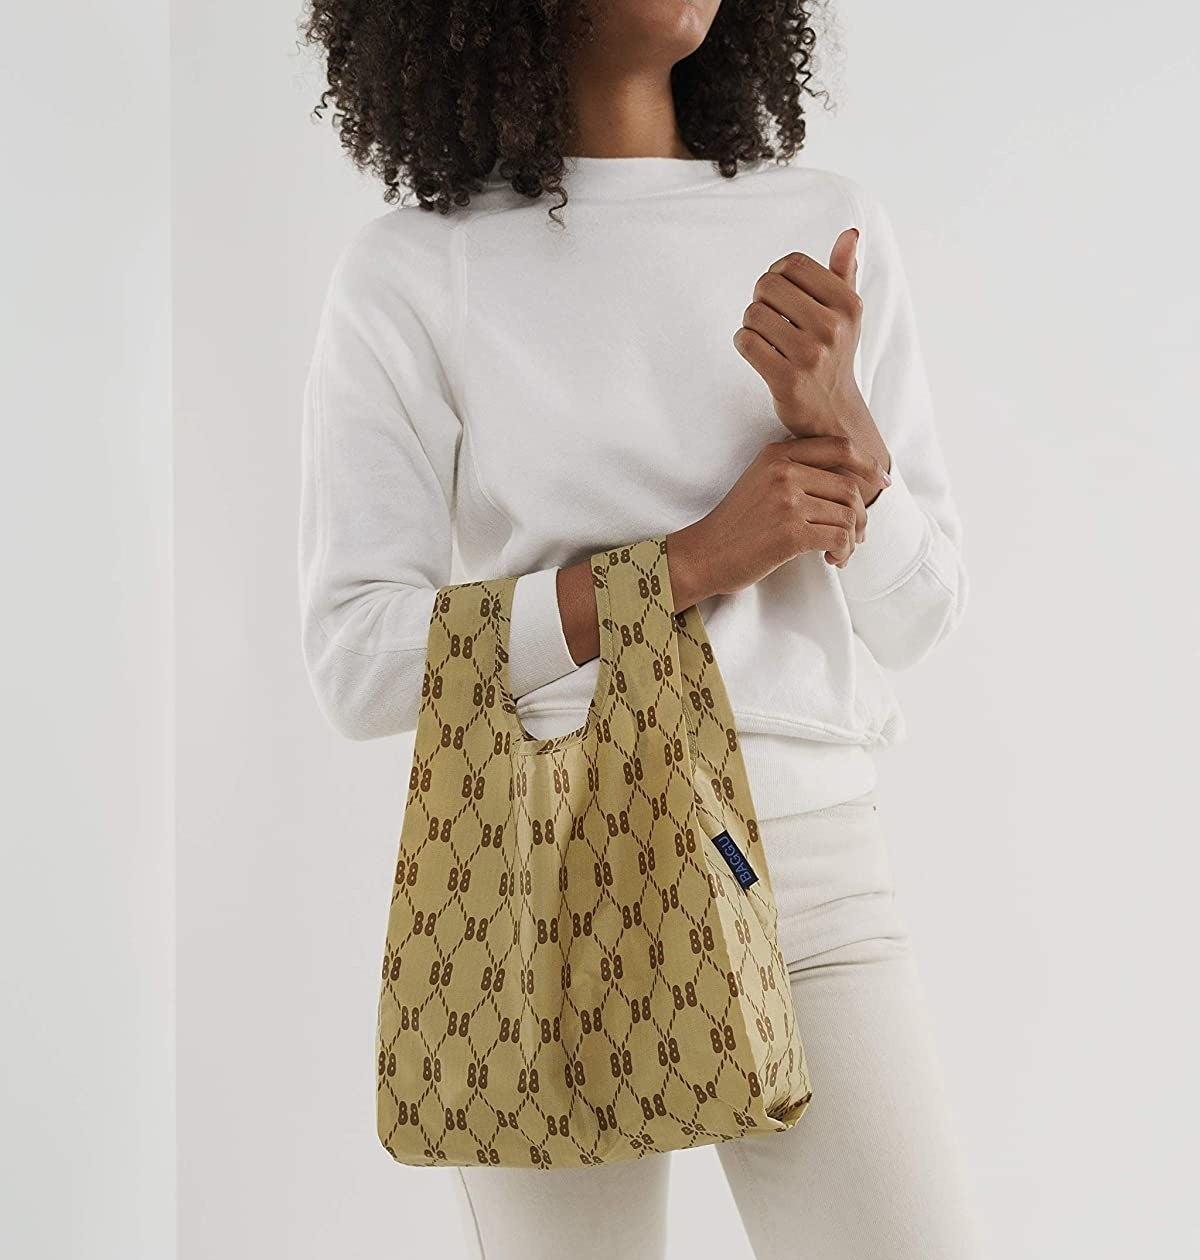 model wearing a beige patterned Baggu